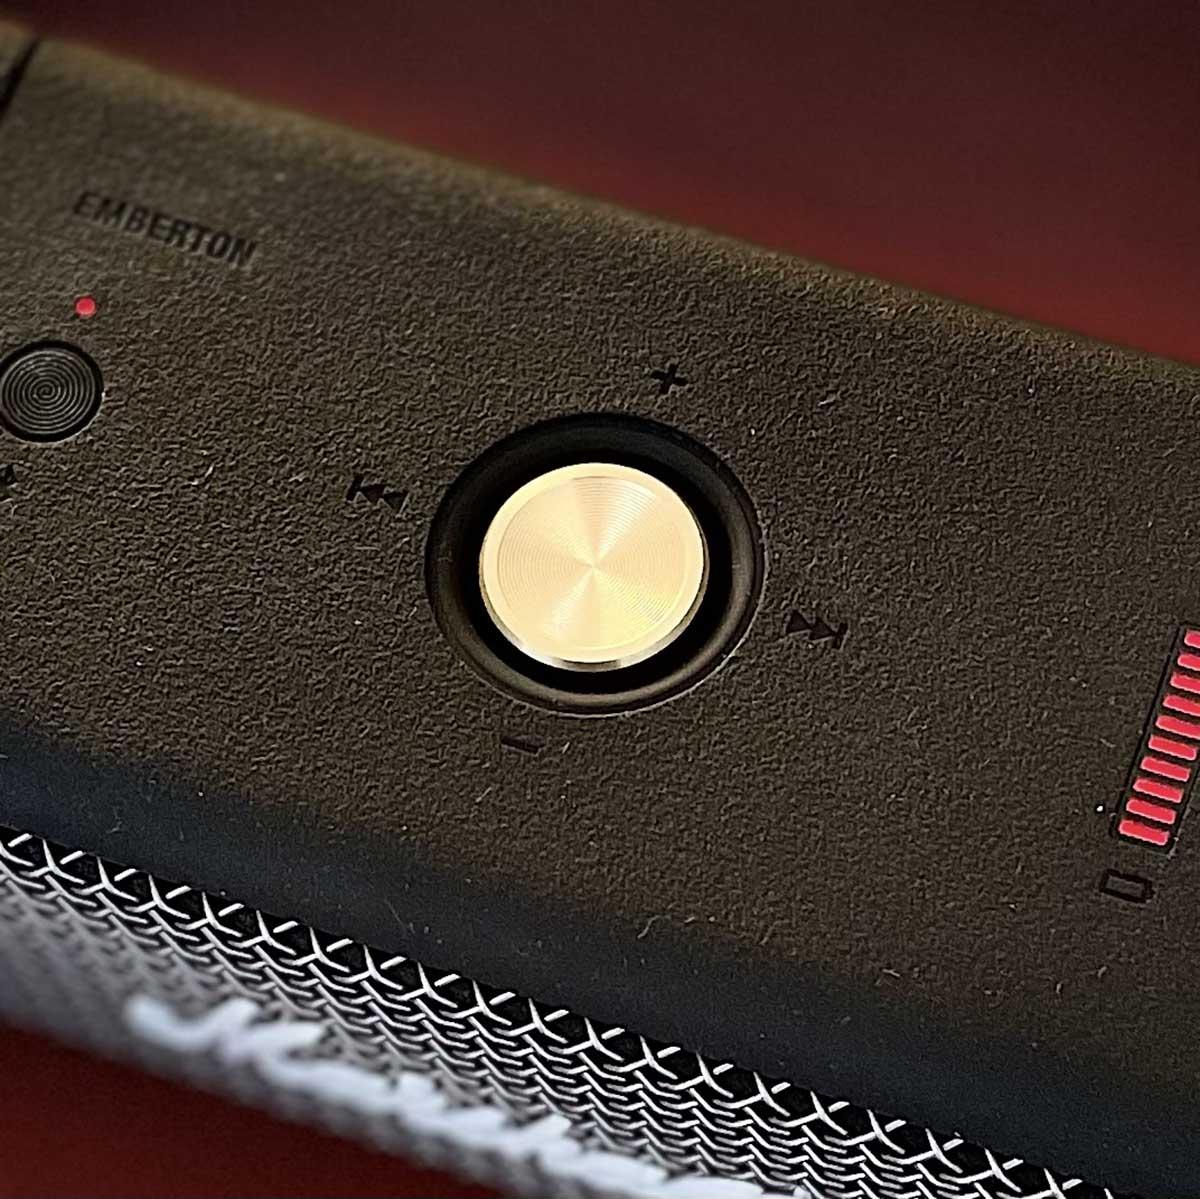 Un gros joystick sur 4 axes pour le volume sonore, la gestion de la playlist et la mise en route de l'enceinte